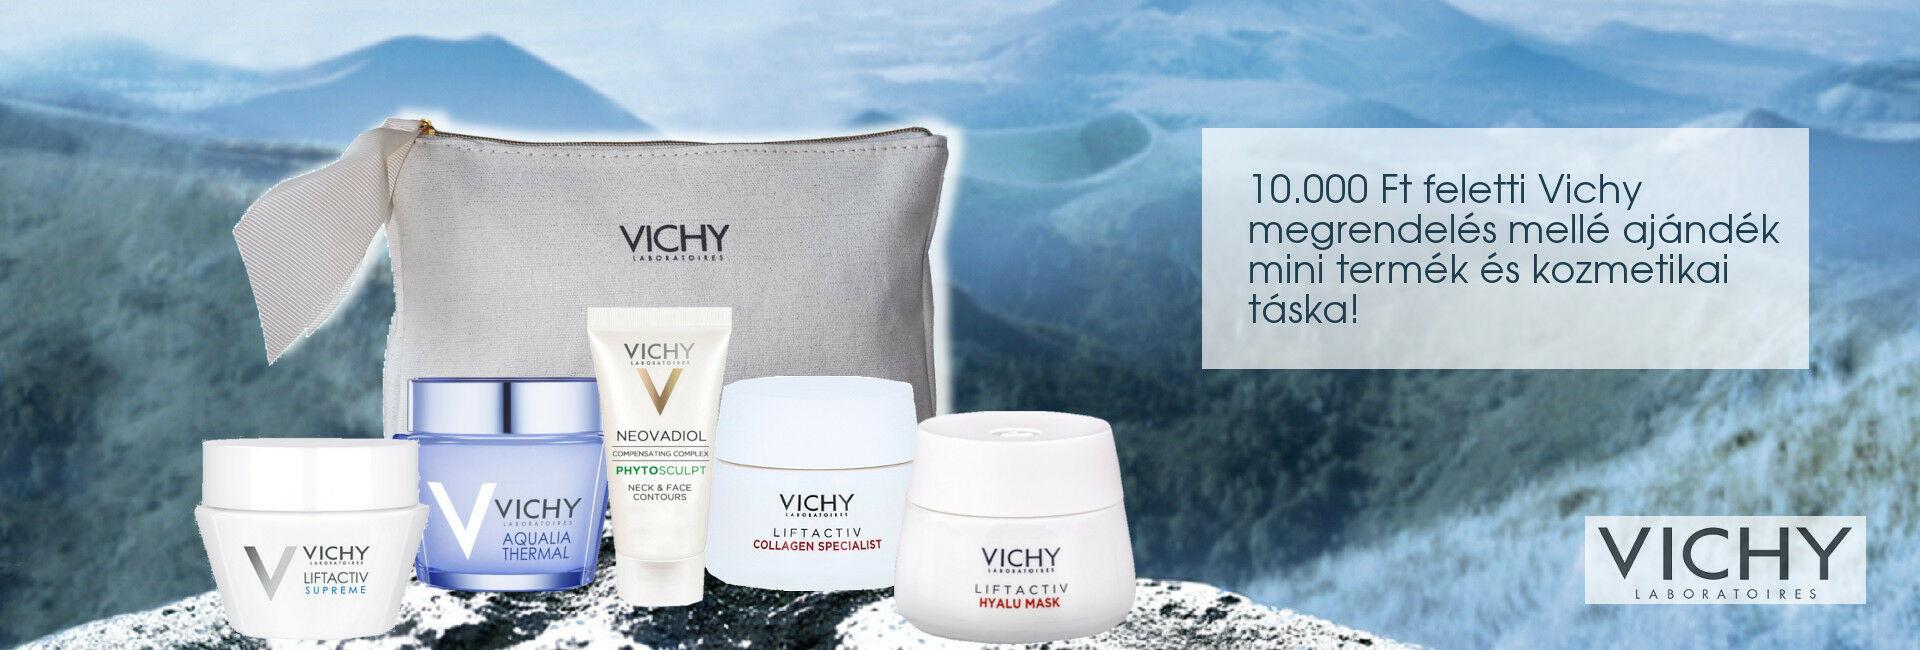 2020. december 3-10. között minden 10.000 Ft feletti Vichy megrendelés mellé választható mini Vichy arcápoló terméket és exkluzív Vichy kozmetikai táskát adunk ajándékba!